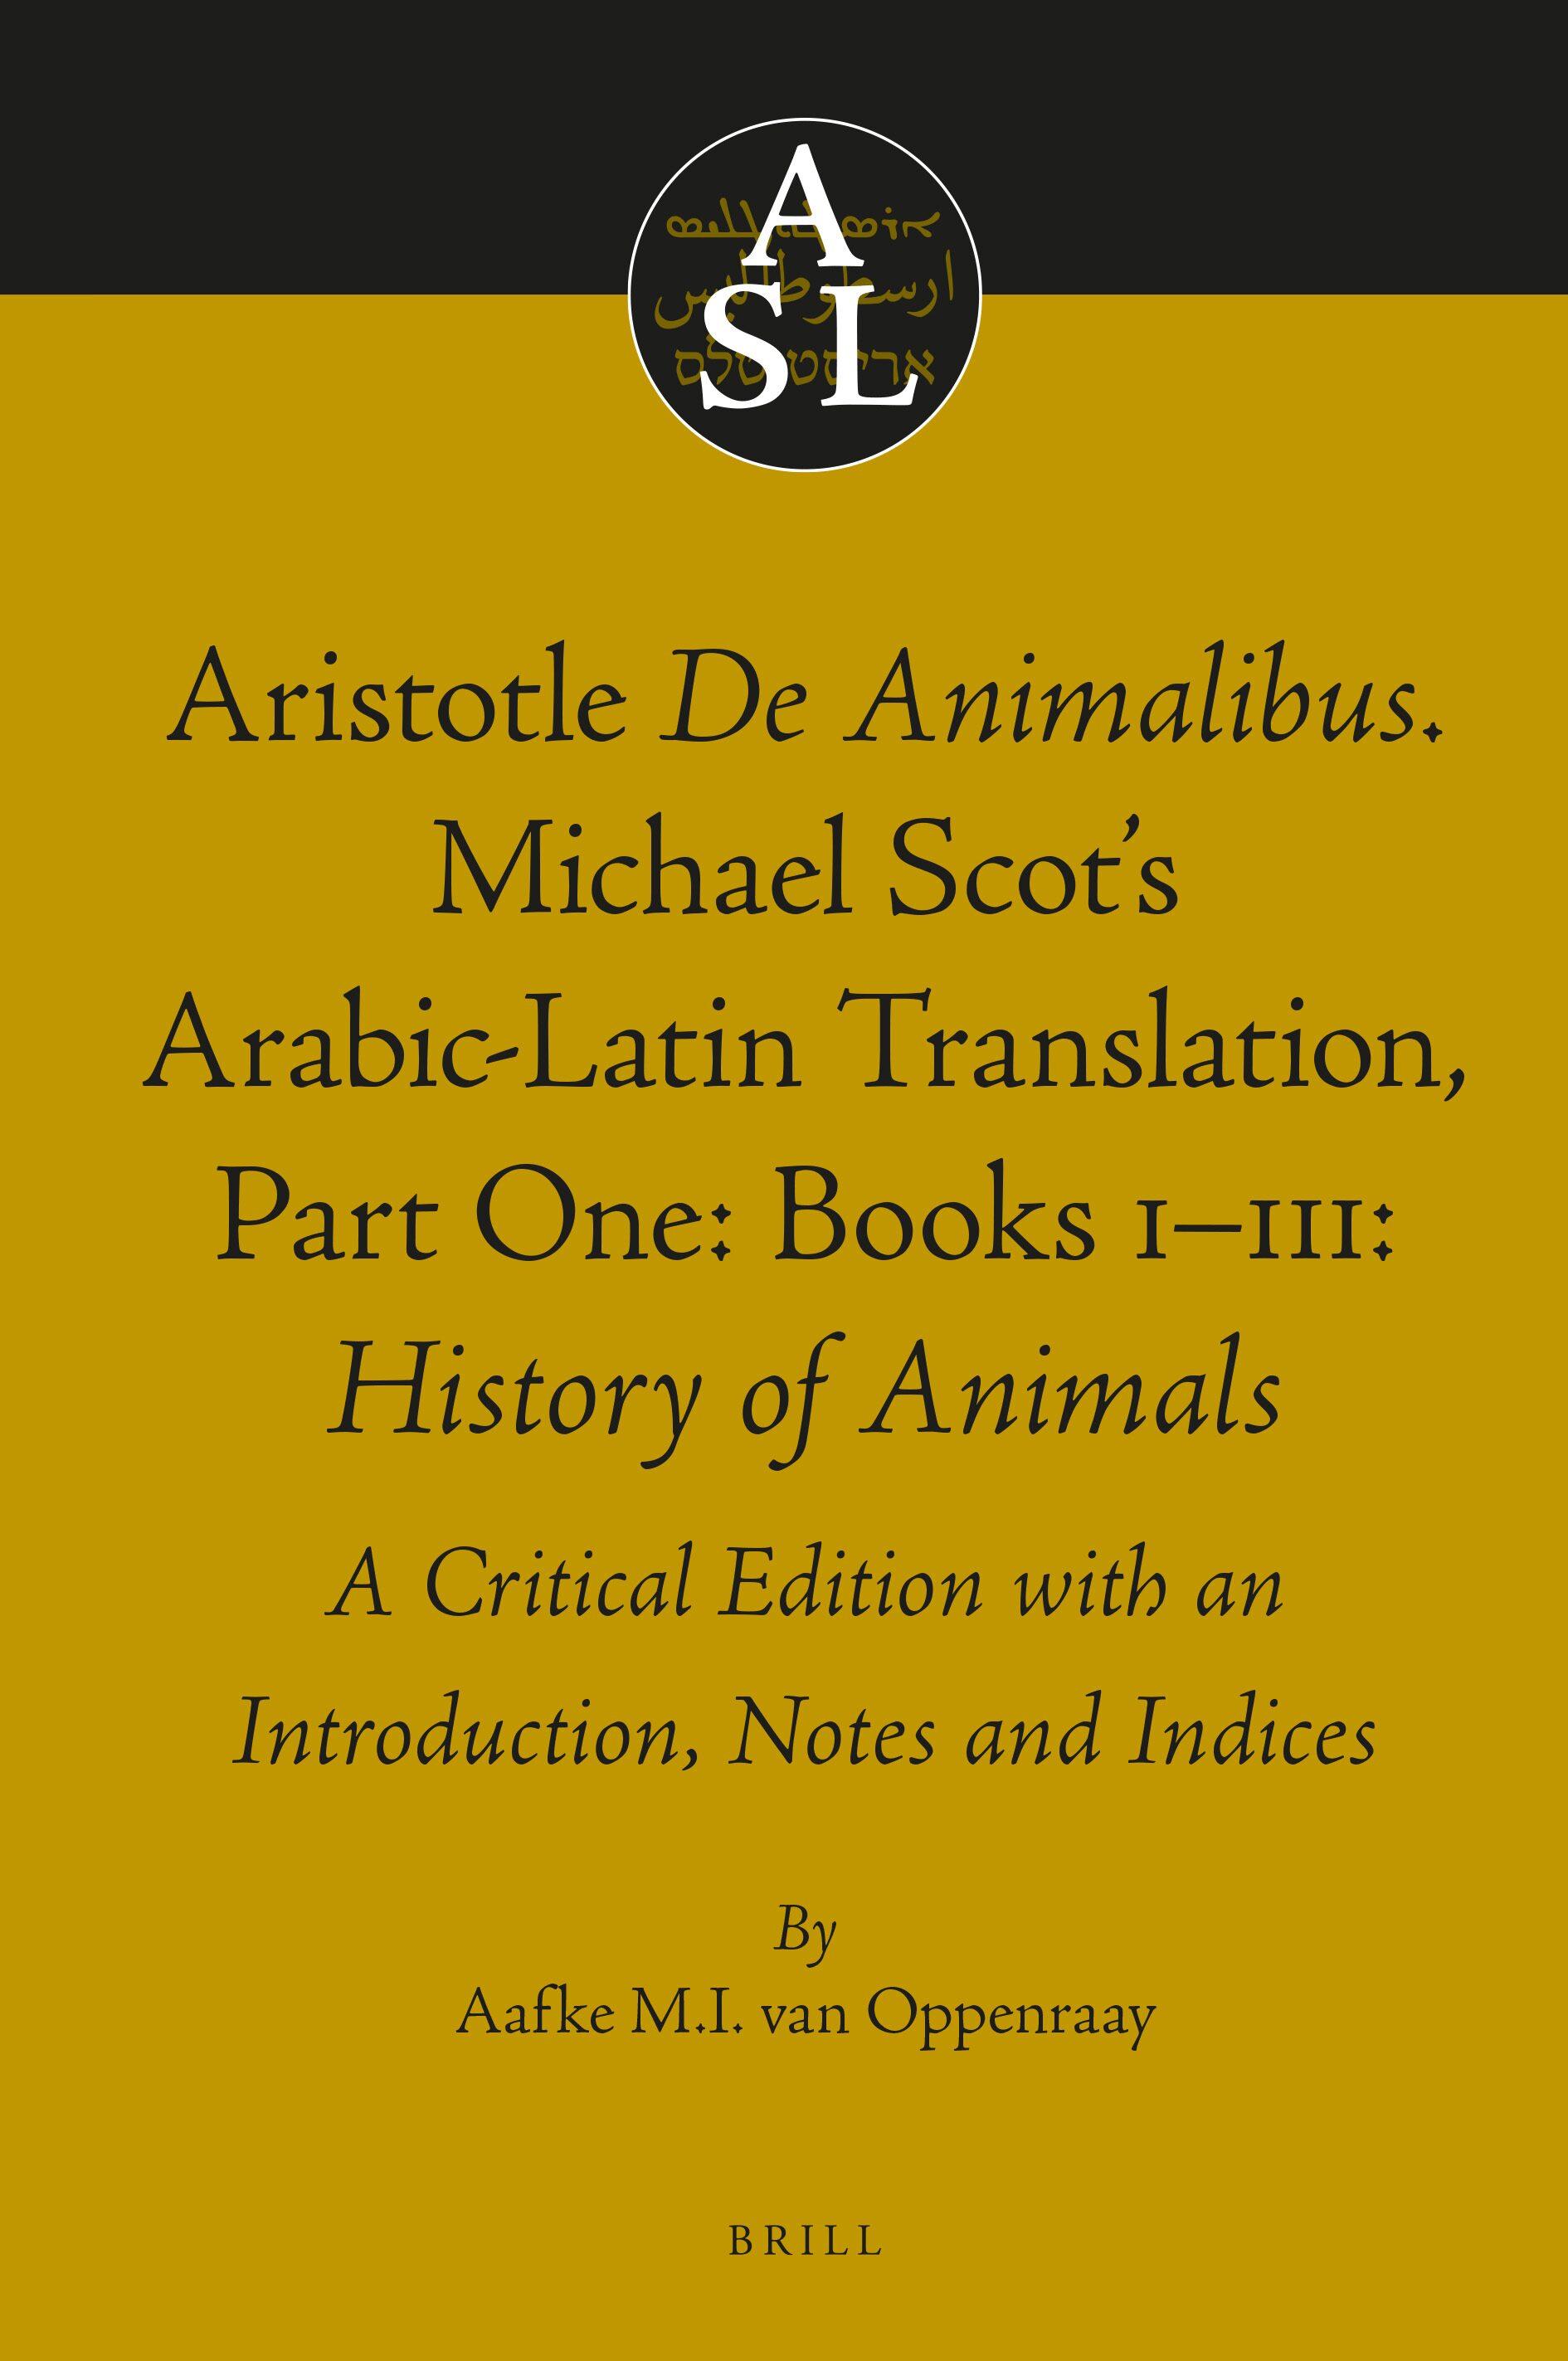 Introduction in Aristotle De Animalibus. Michael Scot's Arabic ...